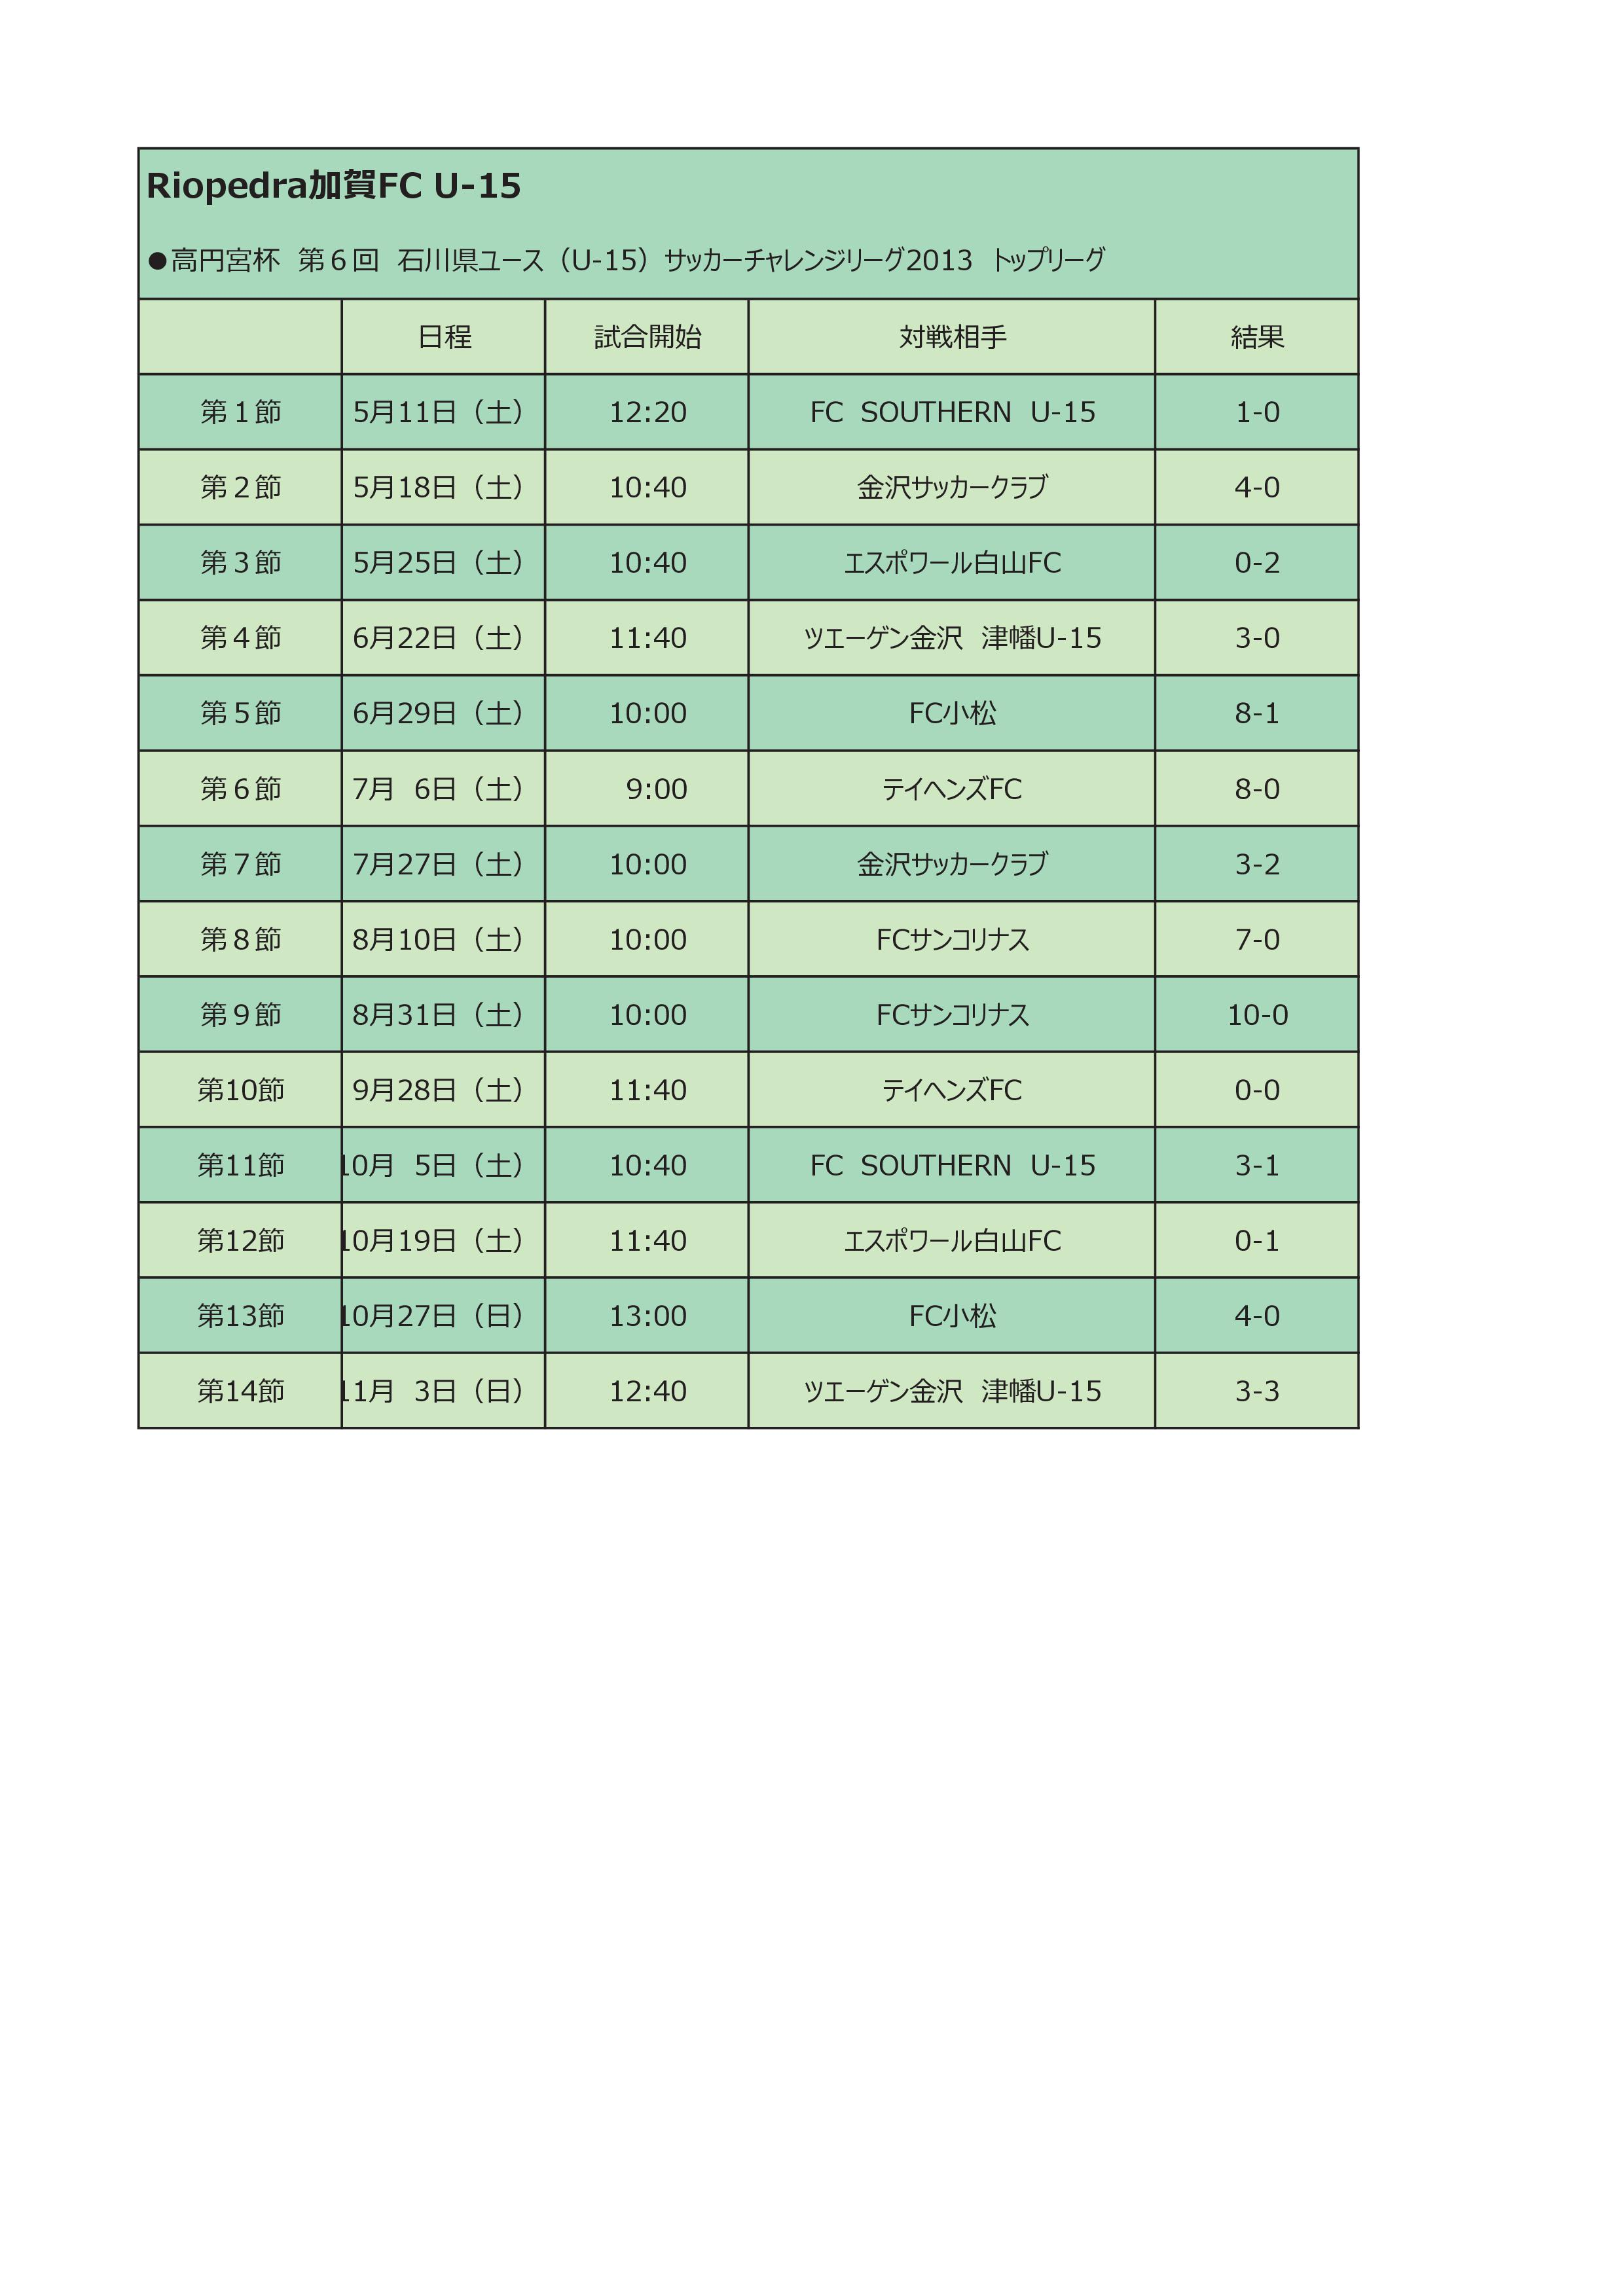 2013U-15リーグ結果